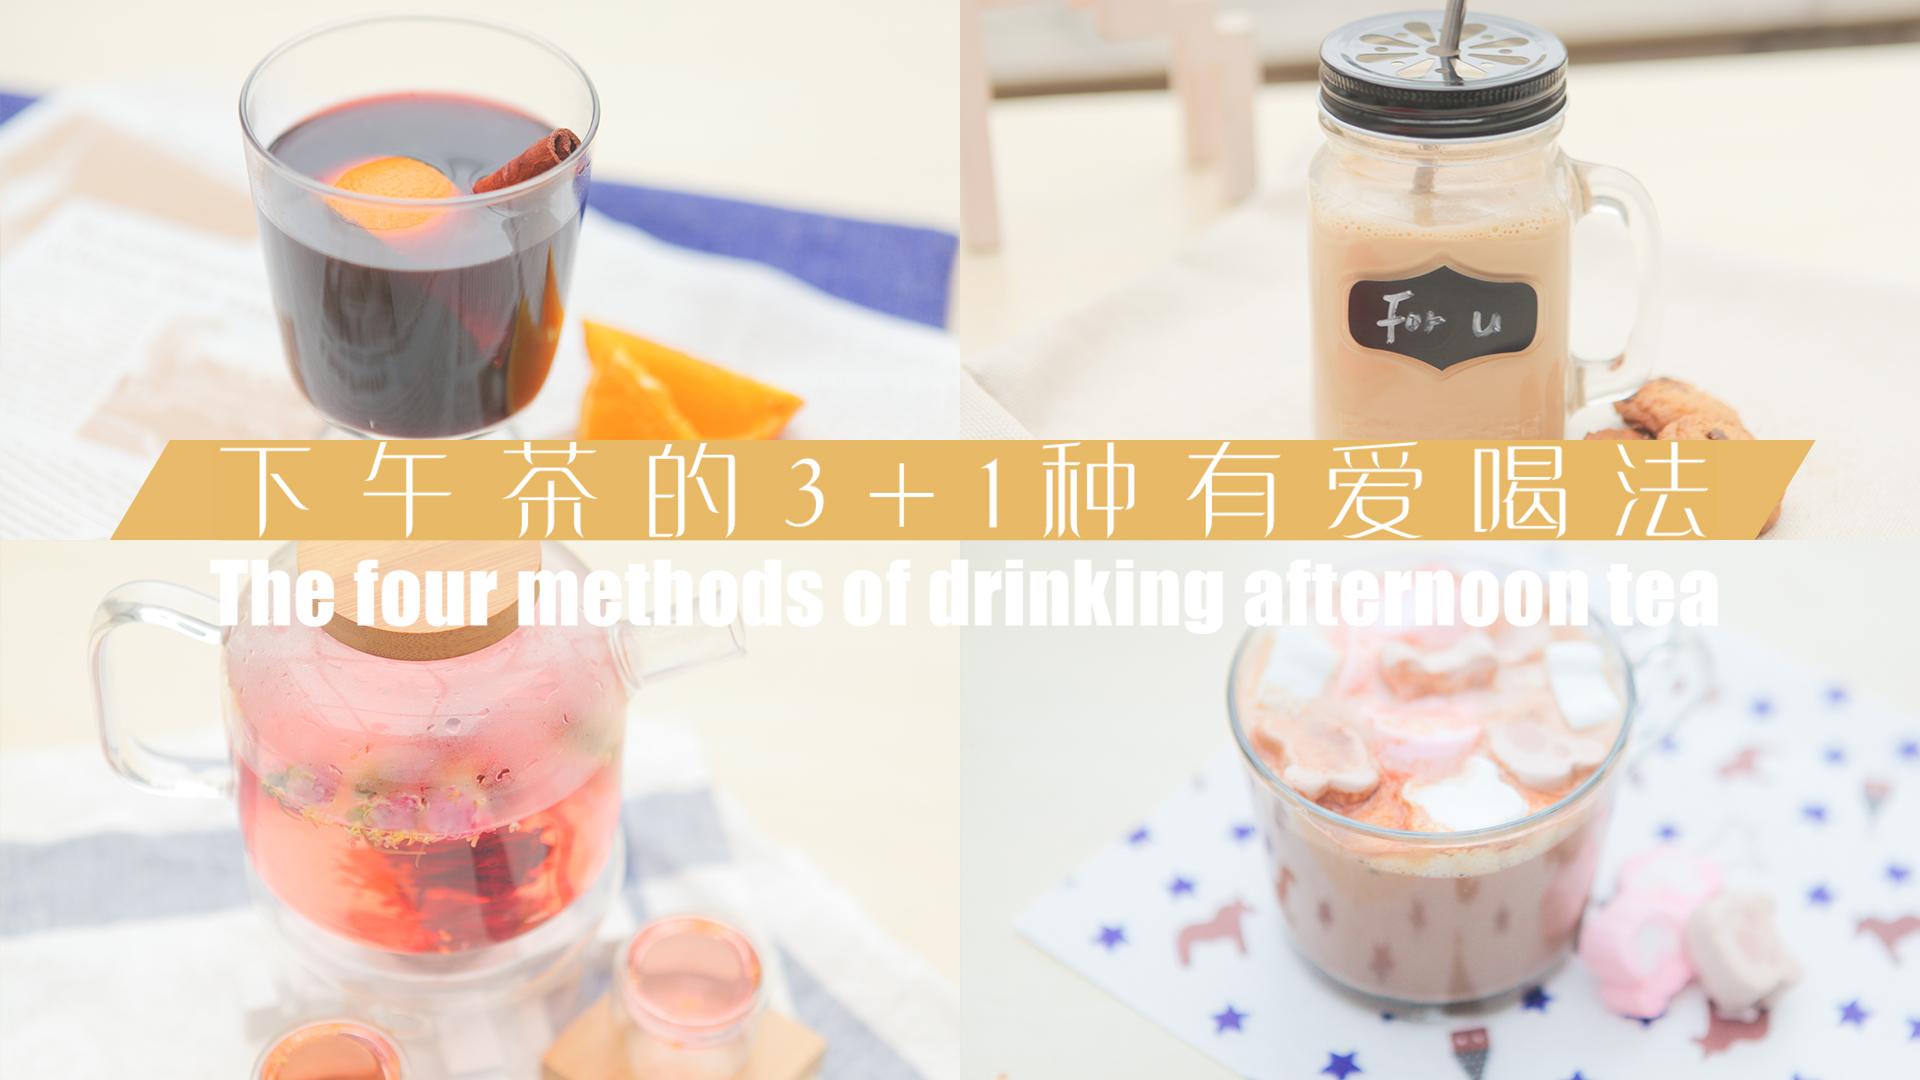 下午茶的3+1种有爱喝法「厨娘物语」